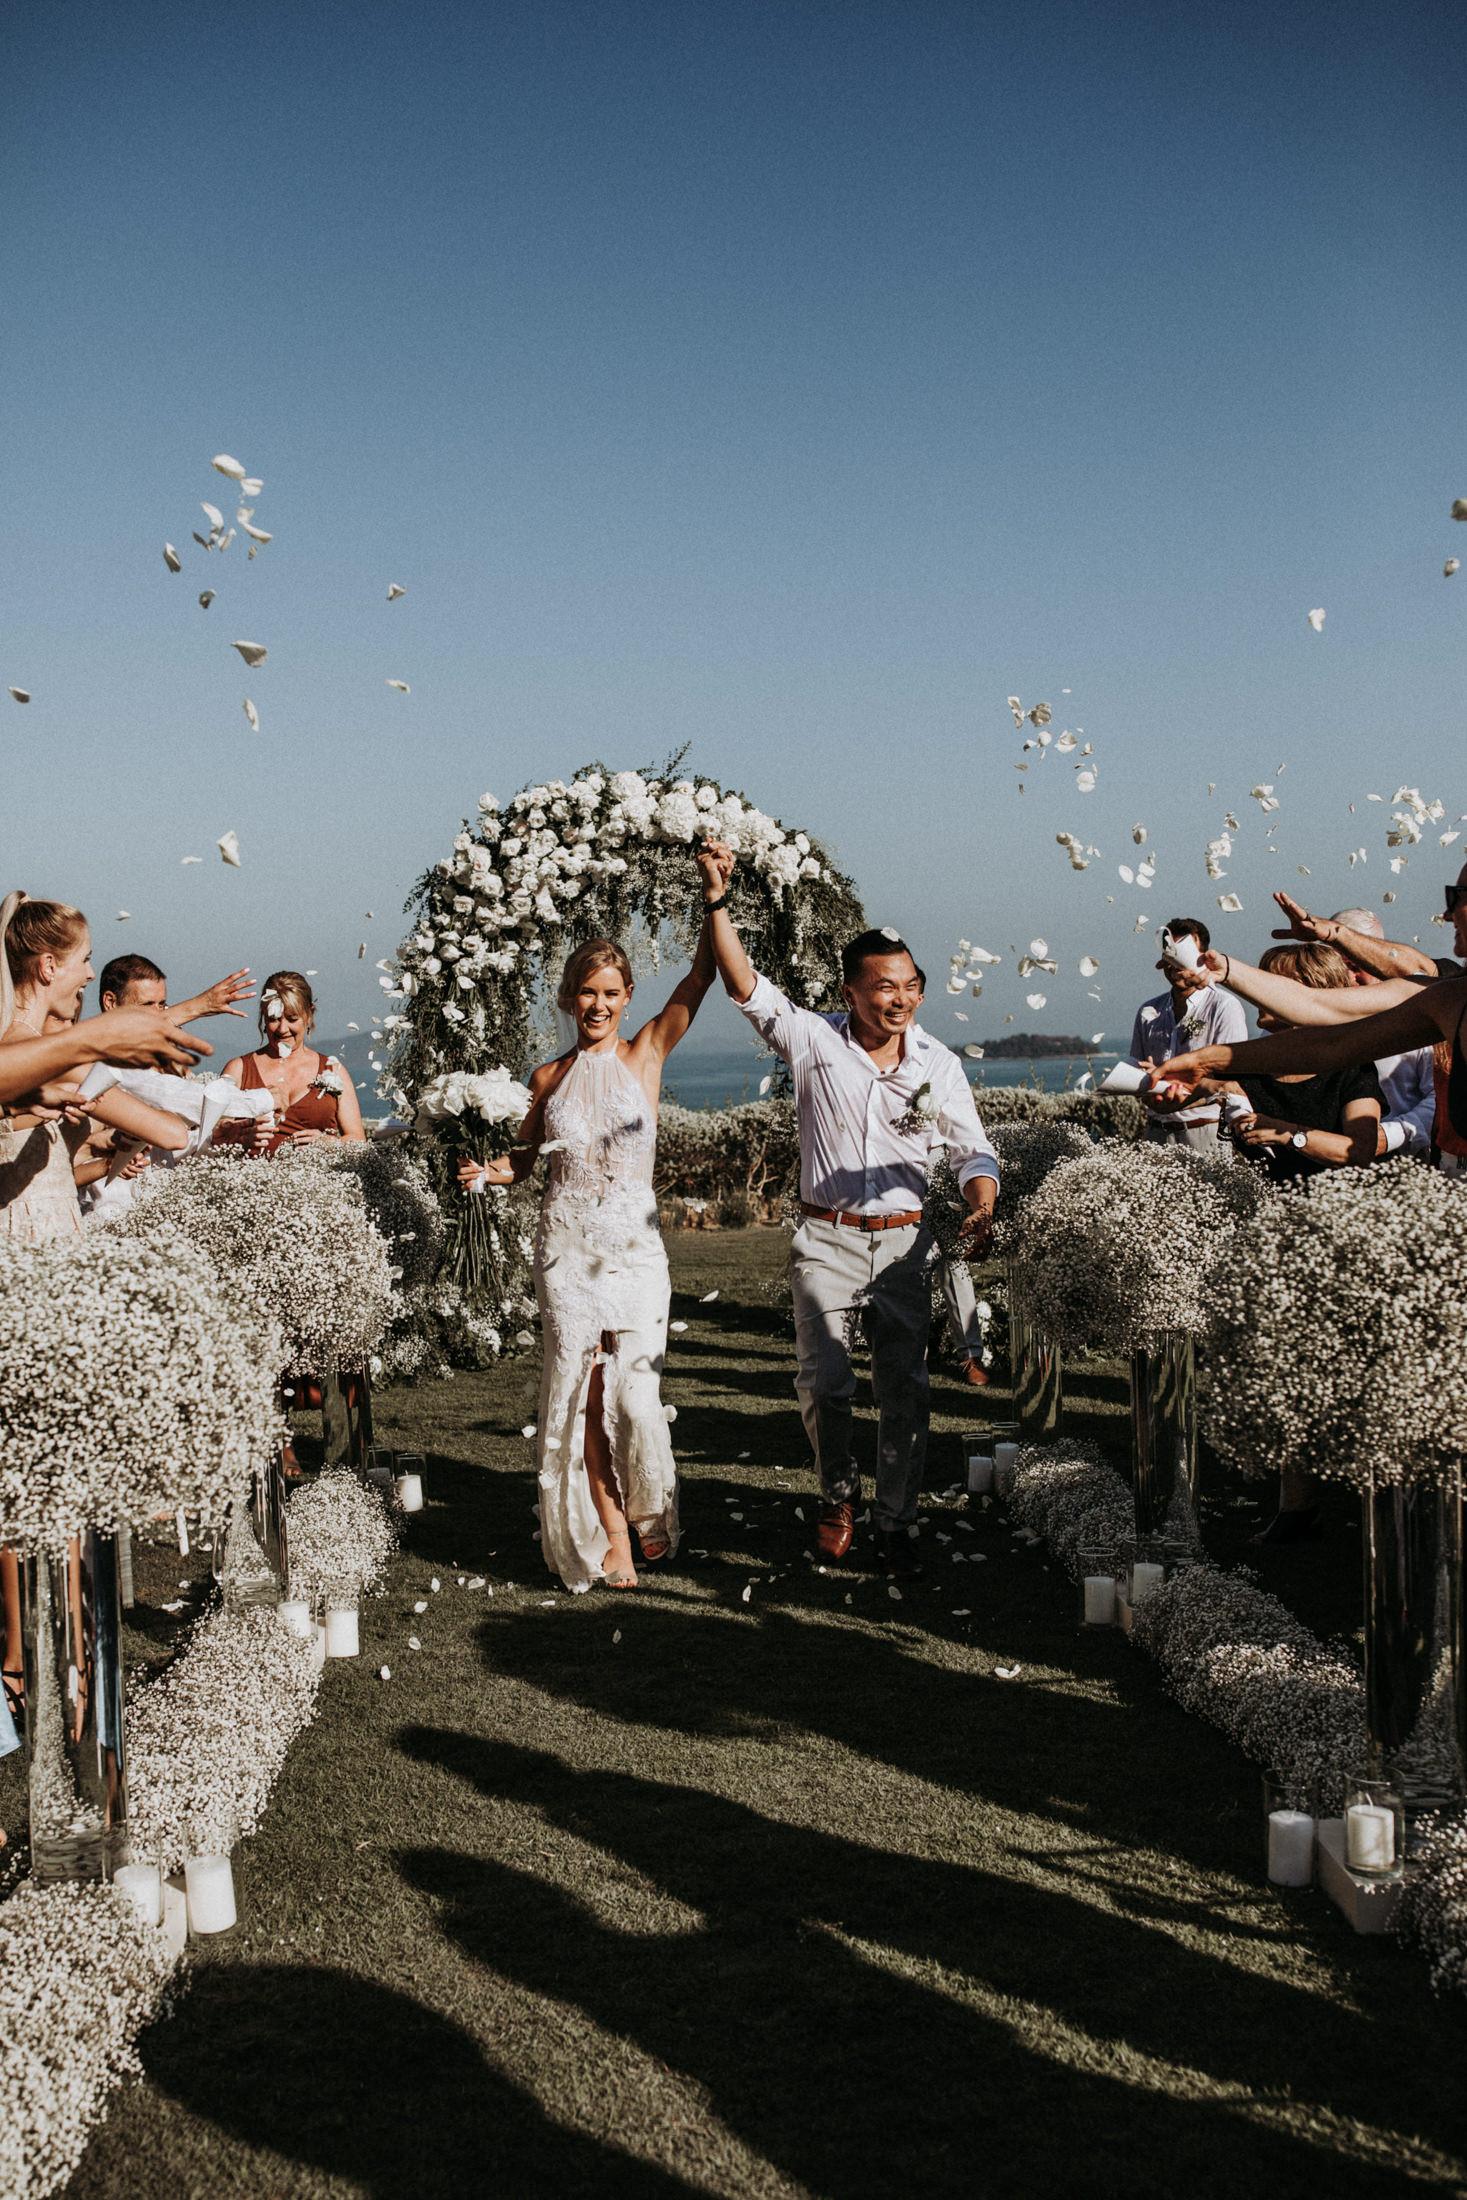 DanielaMarquardt_Wedding_Thailand_261